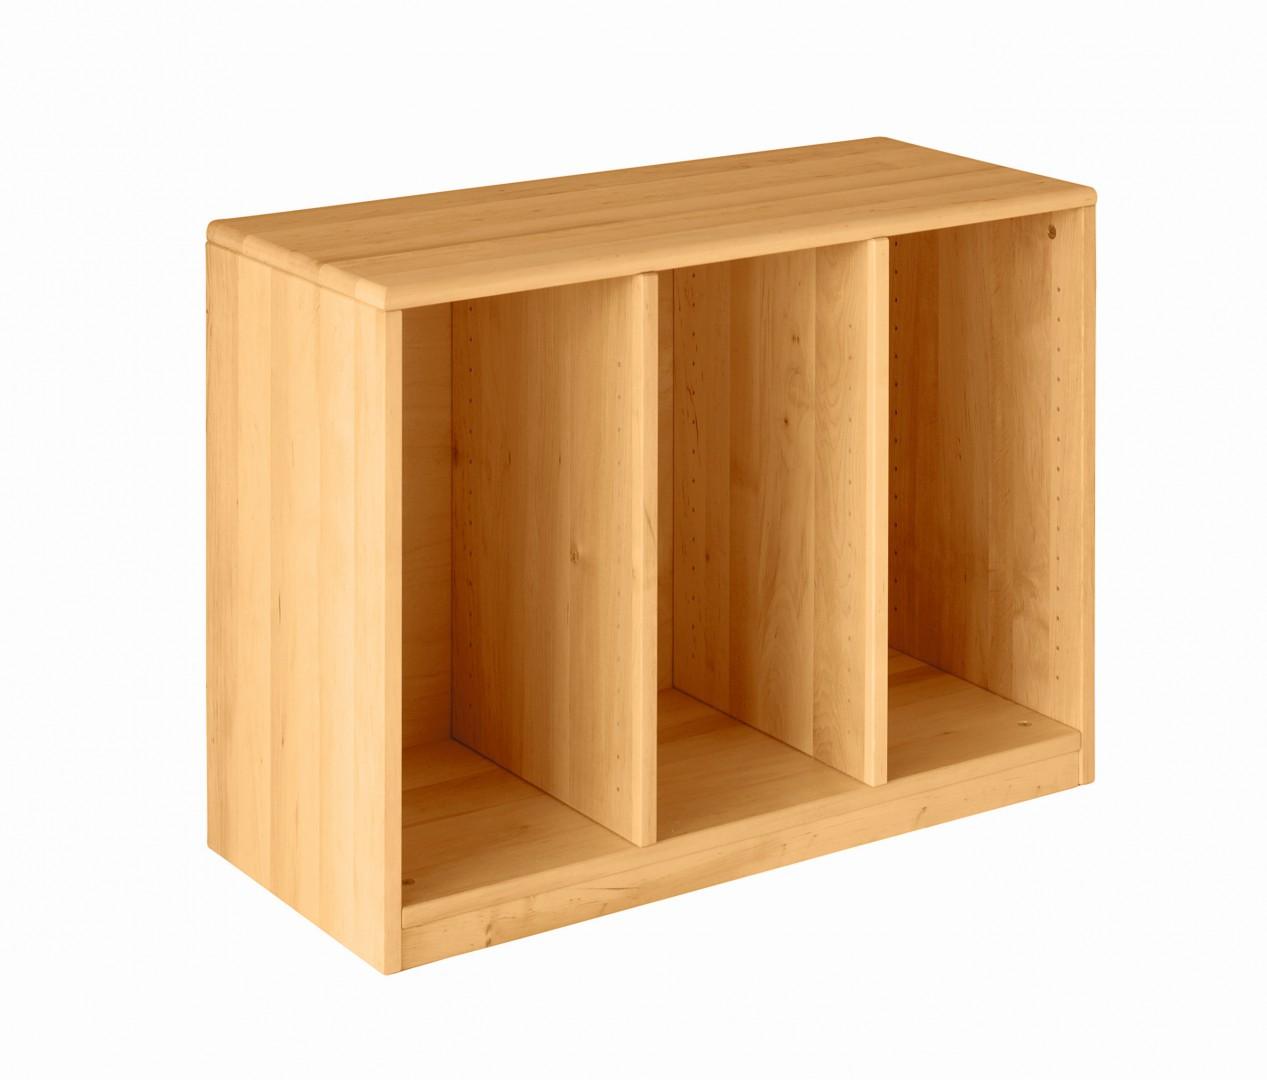 biokinder robin ordnungsregal breit erle h he 60 cm breite 84 cm. Black Bedroom Furniture Sets. Home Design Ideas